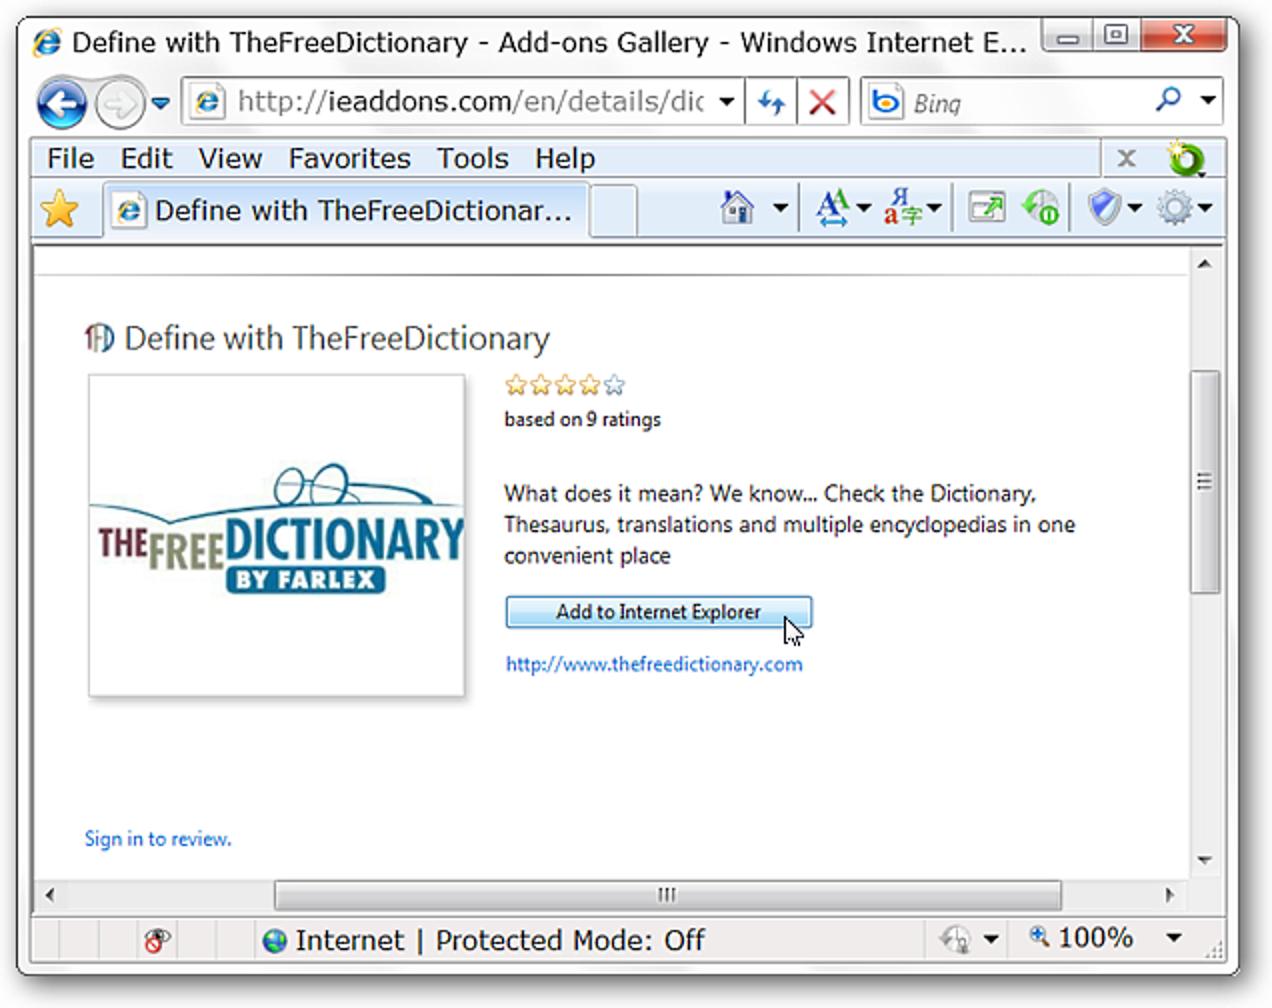 Suchen Sie schnell nach Wortdefinitionen mit TheFreeDictionary für IE 8